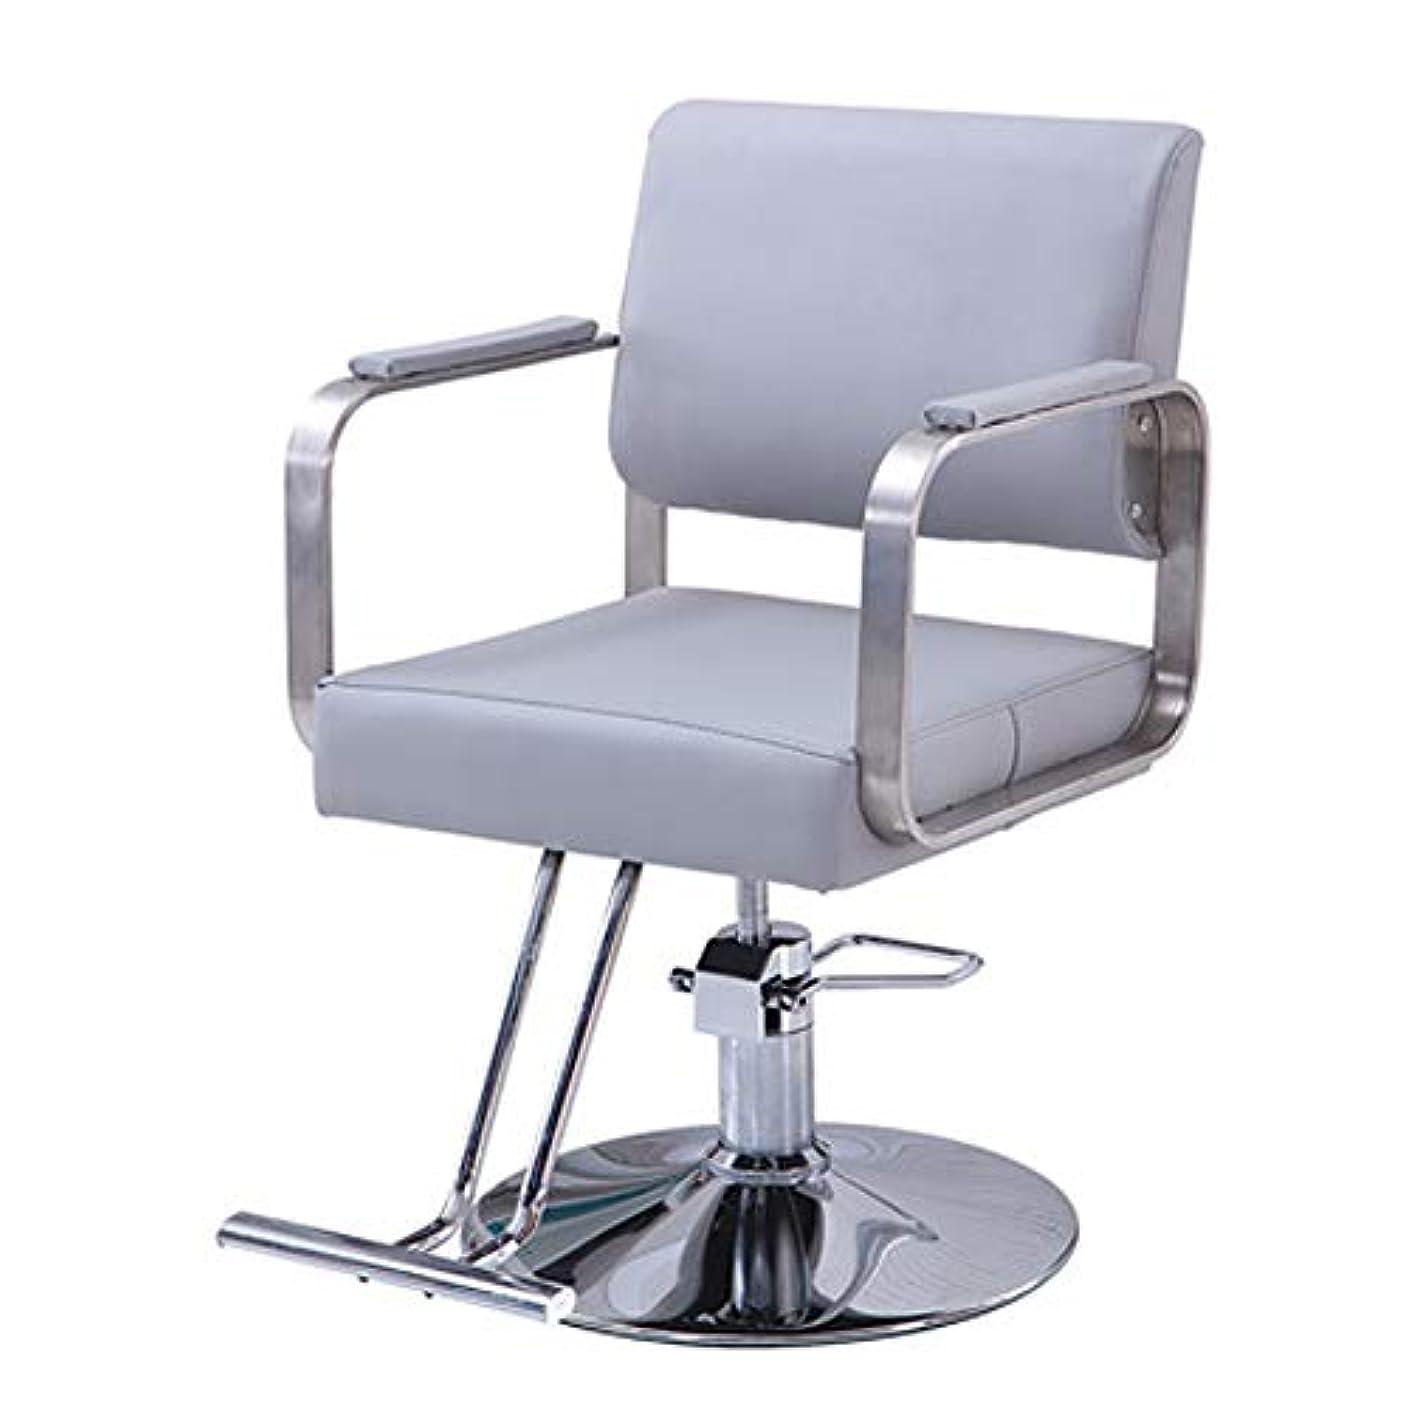 堂々たる竜巻アカデミーサロンスタイリングチェア、理髪アームチェア、ヘビーデューティービューティーサロン理容回転チェア、スタイリストチェア、ヘアカットプロフェッショナルサロン機器